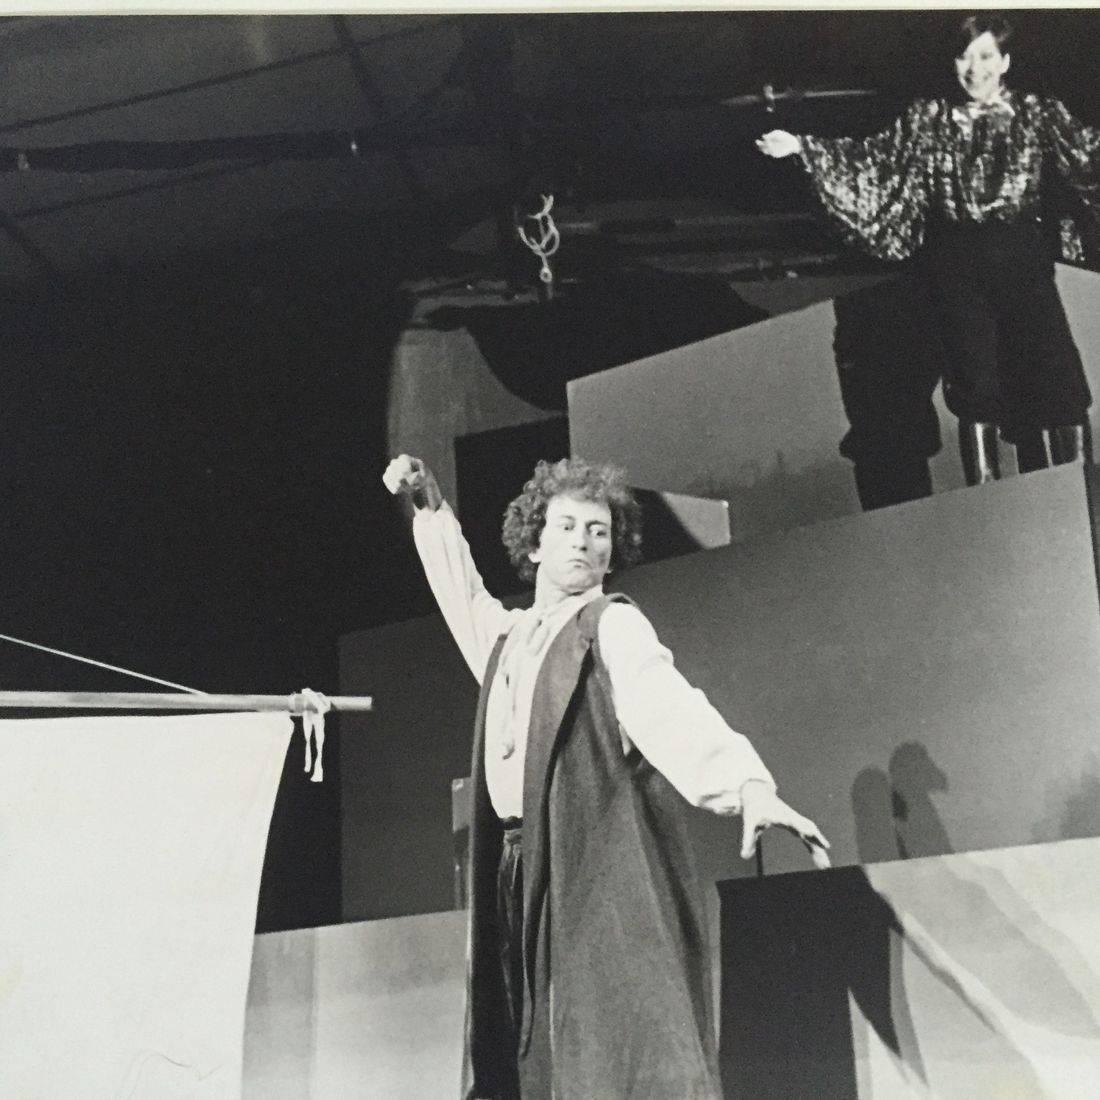 El huevo de Colón by Gustavo Gac-Artigas, directed by the author, actors: Bernard Delatre and Perla Valencia